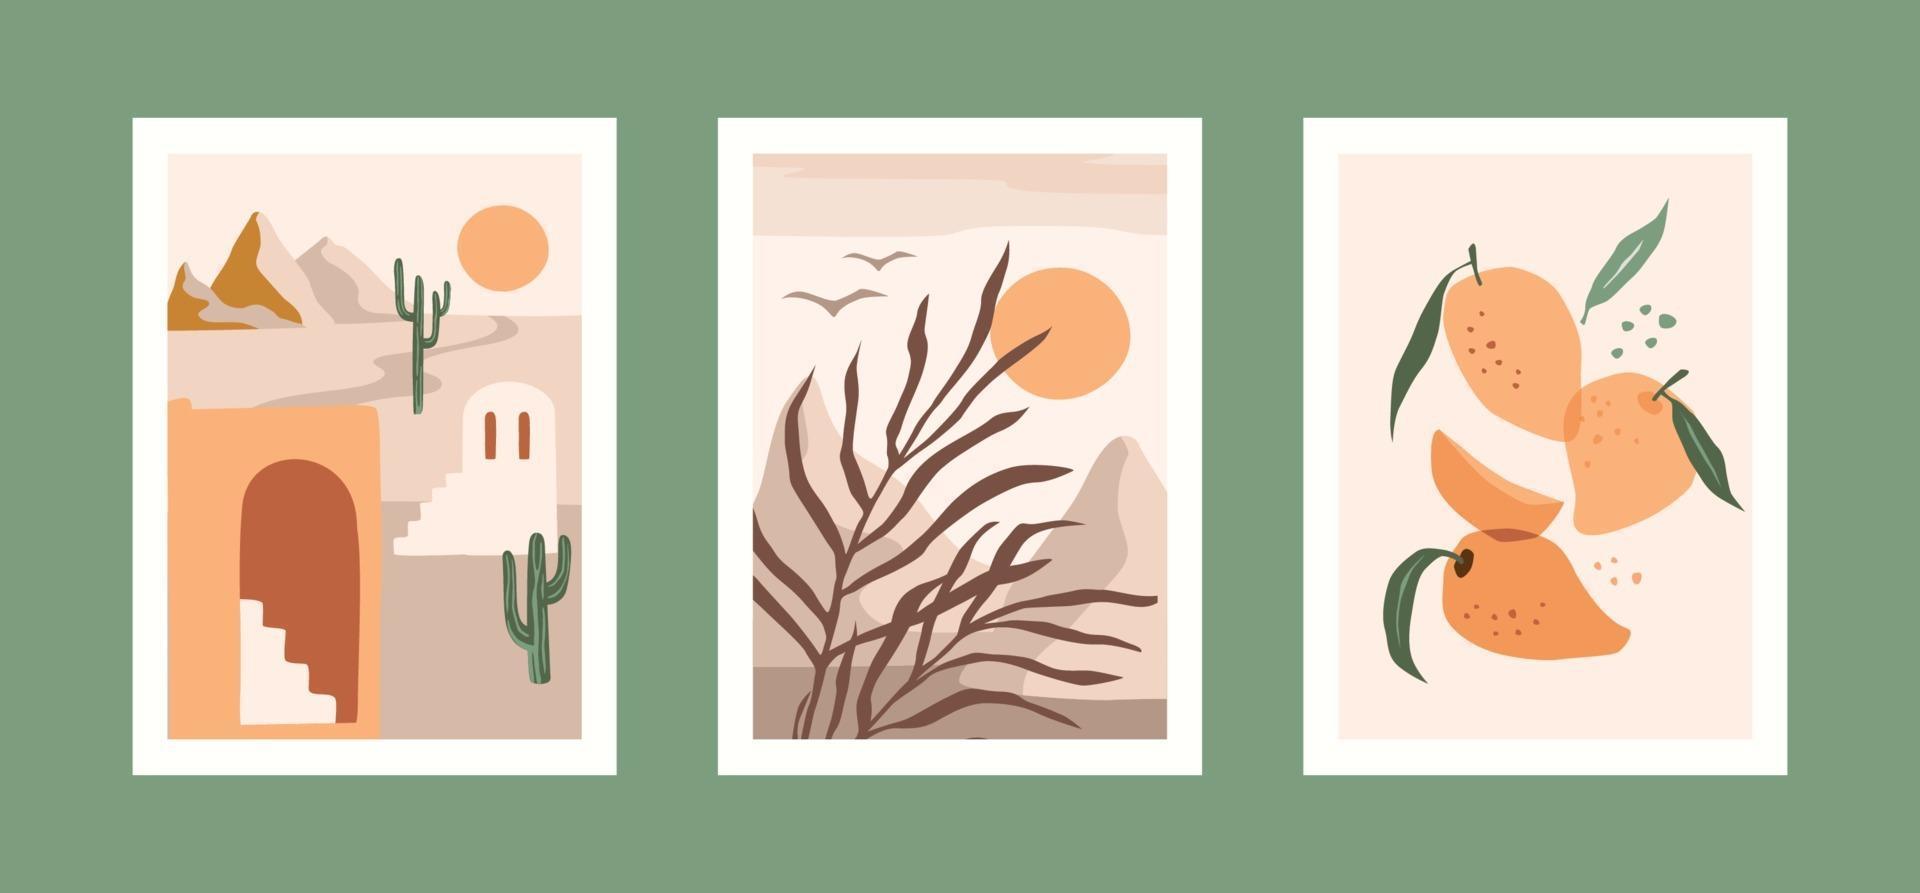 Sammlung zeitgenössischer Kunstdrucke. modernes Vektordesign für Wandkunst, Plakate, Karten, T-Shirts und mehr vektor